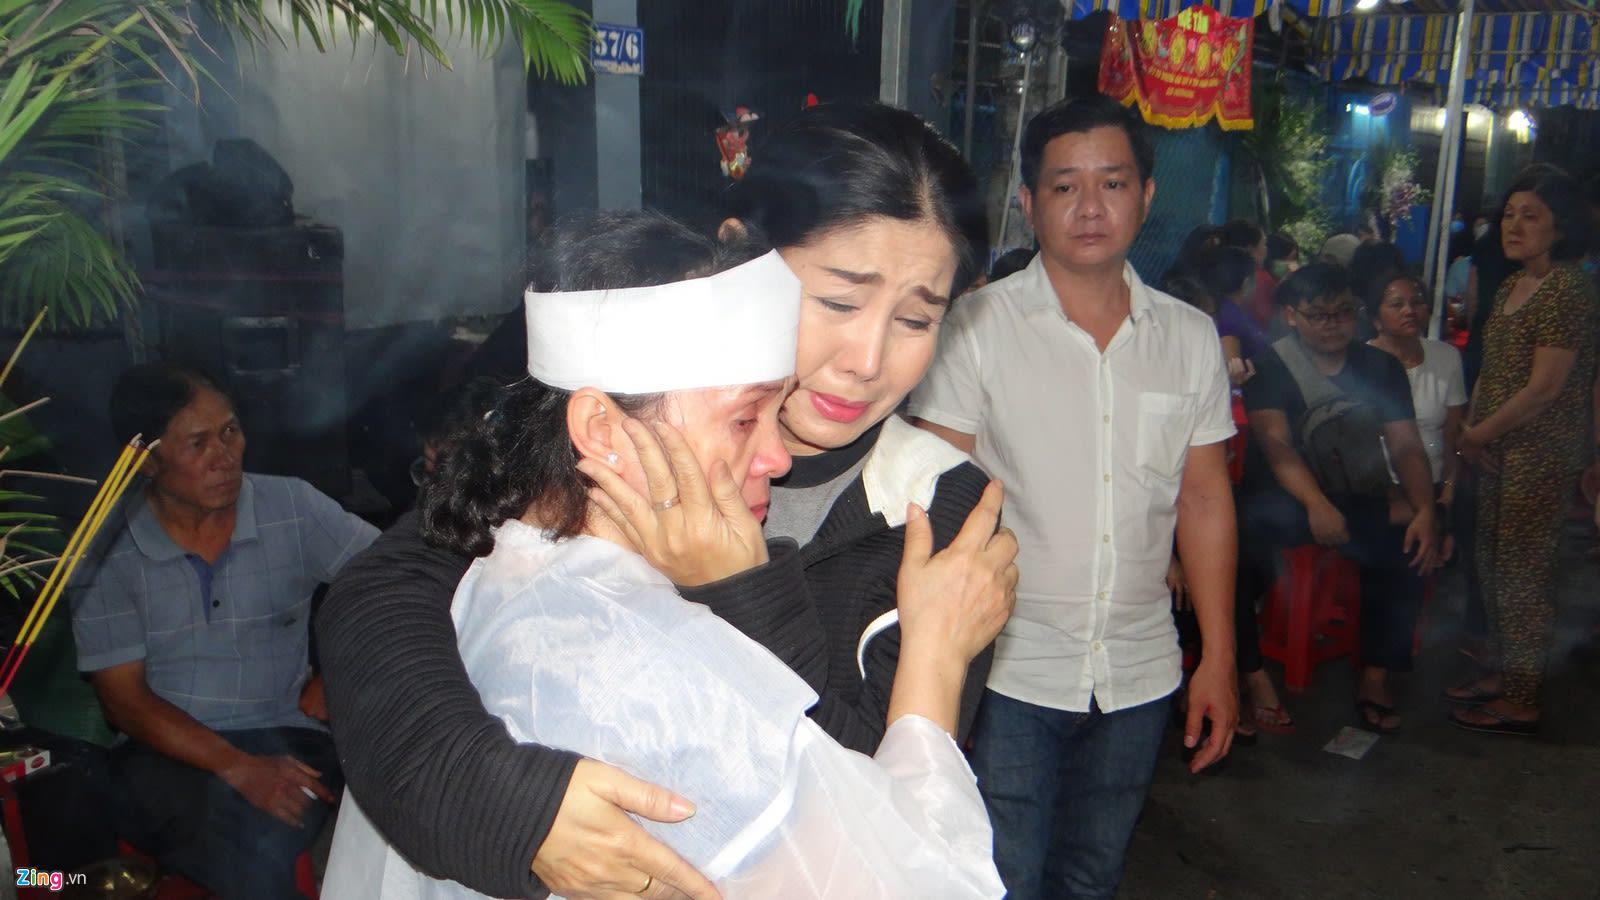 Thoai My, Tan Beo va nhieu nghe si cai luong den vieng NSUT Chieu Hung hinh anh 8